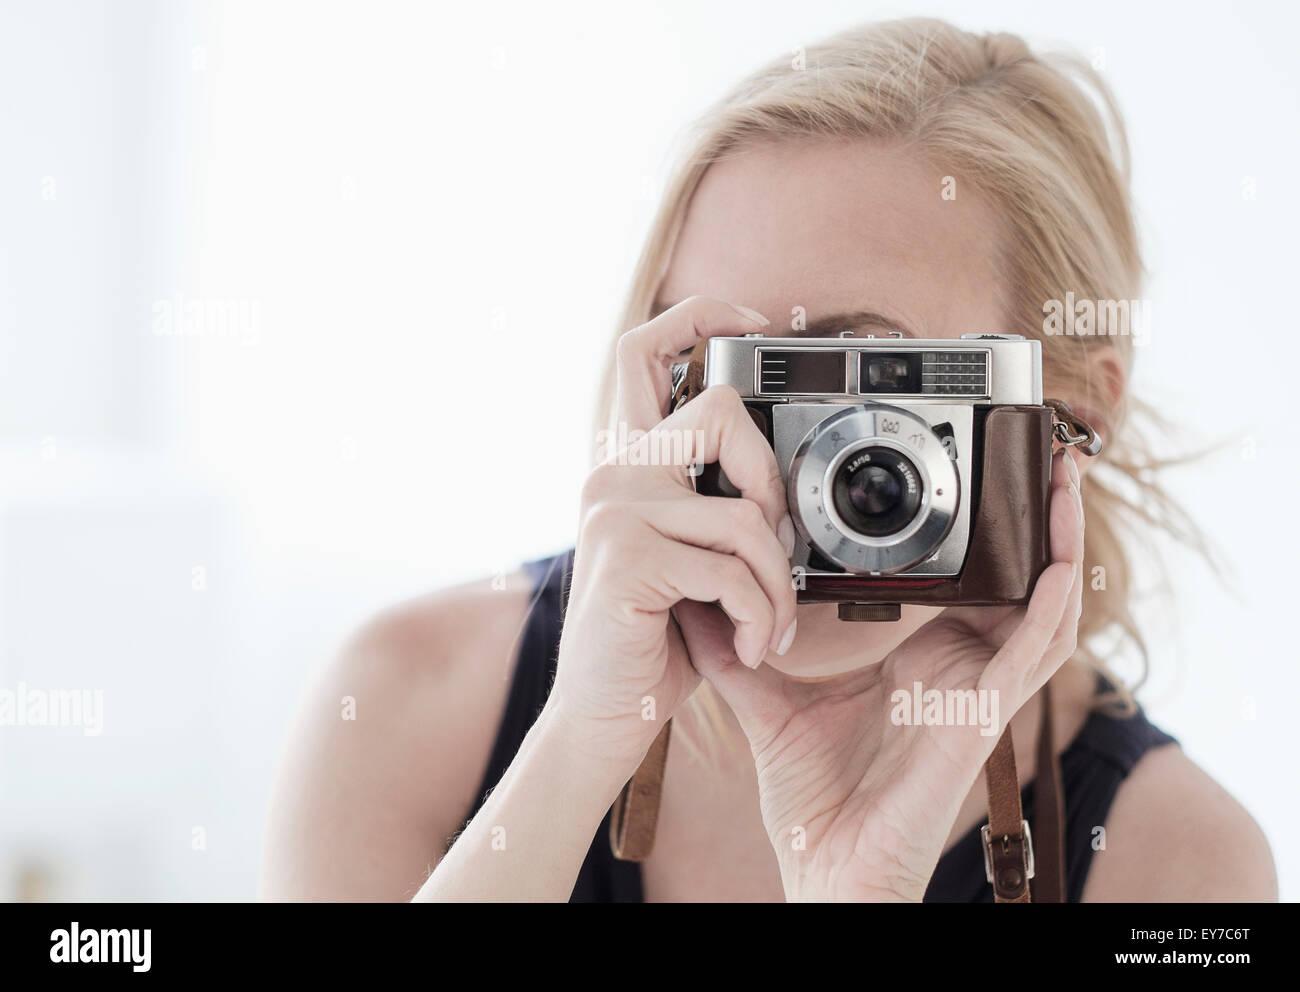 Donna prendendo foto con una fotocamera digitale Immagini Stock